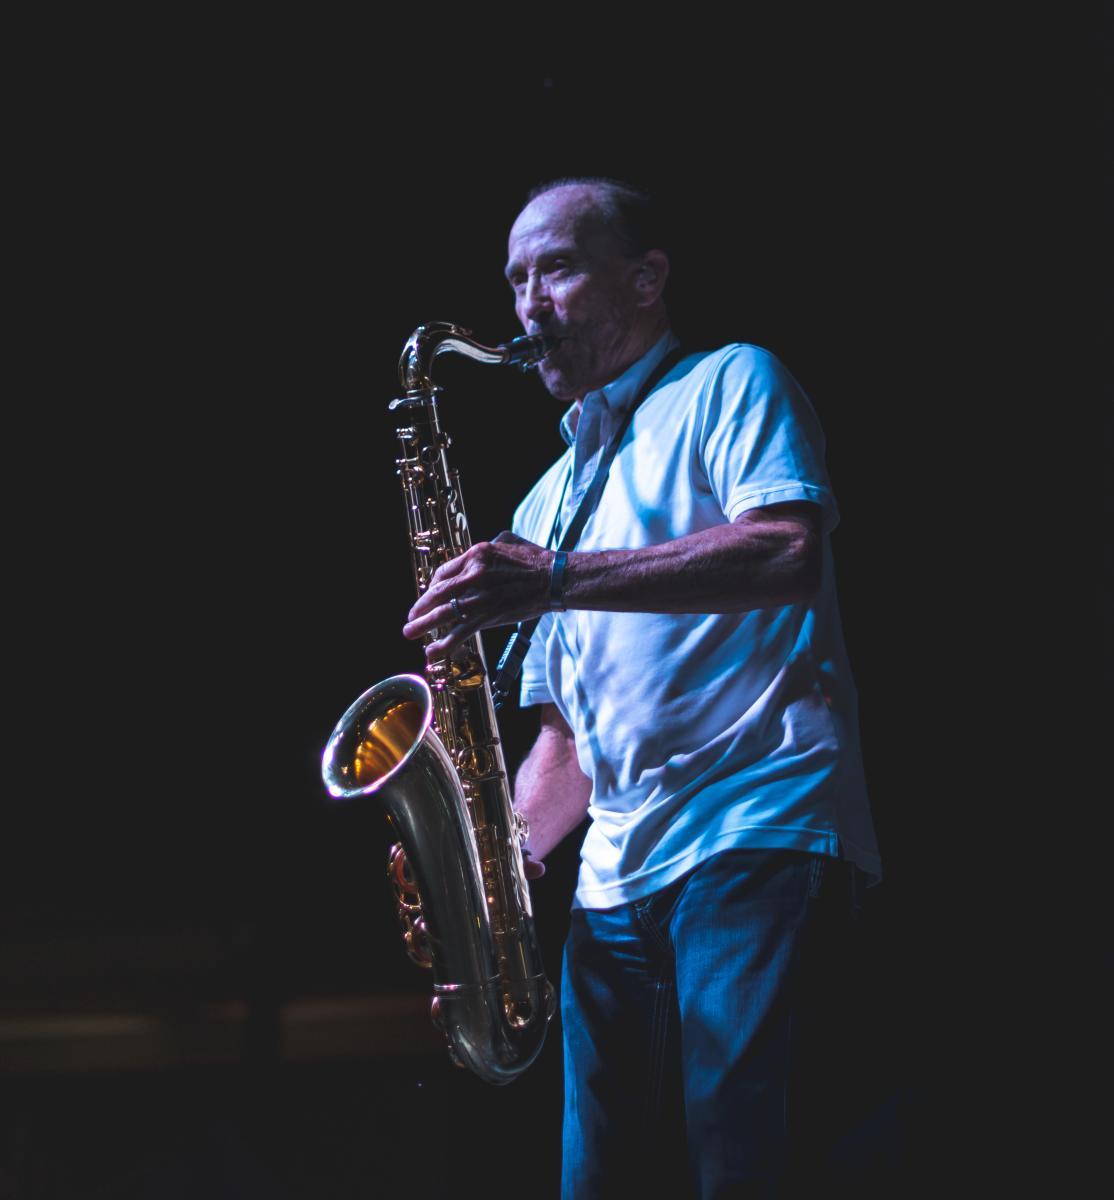 Lee Greenwood in Concert